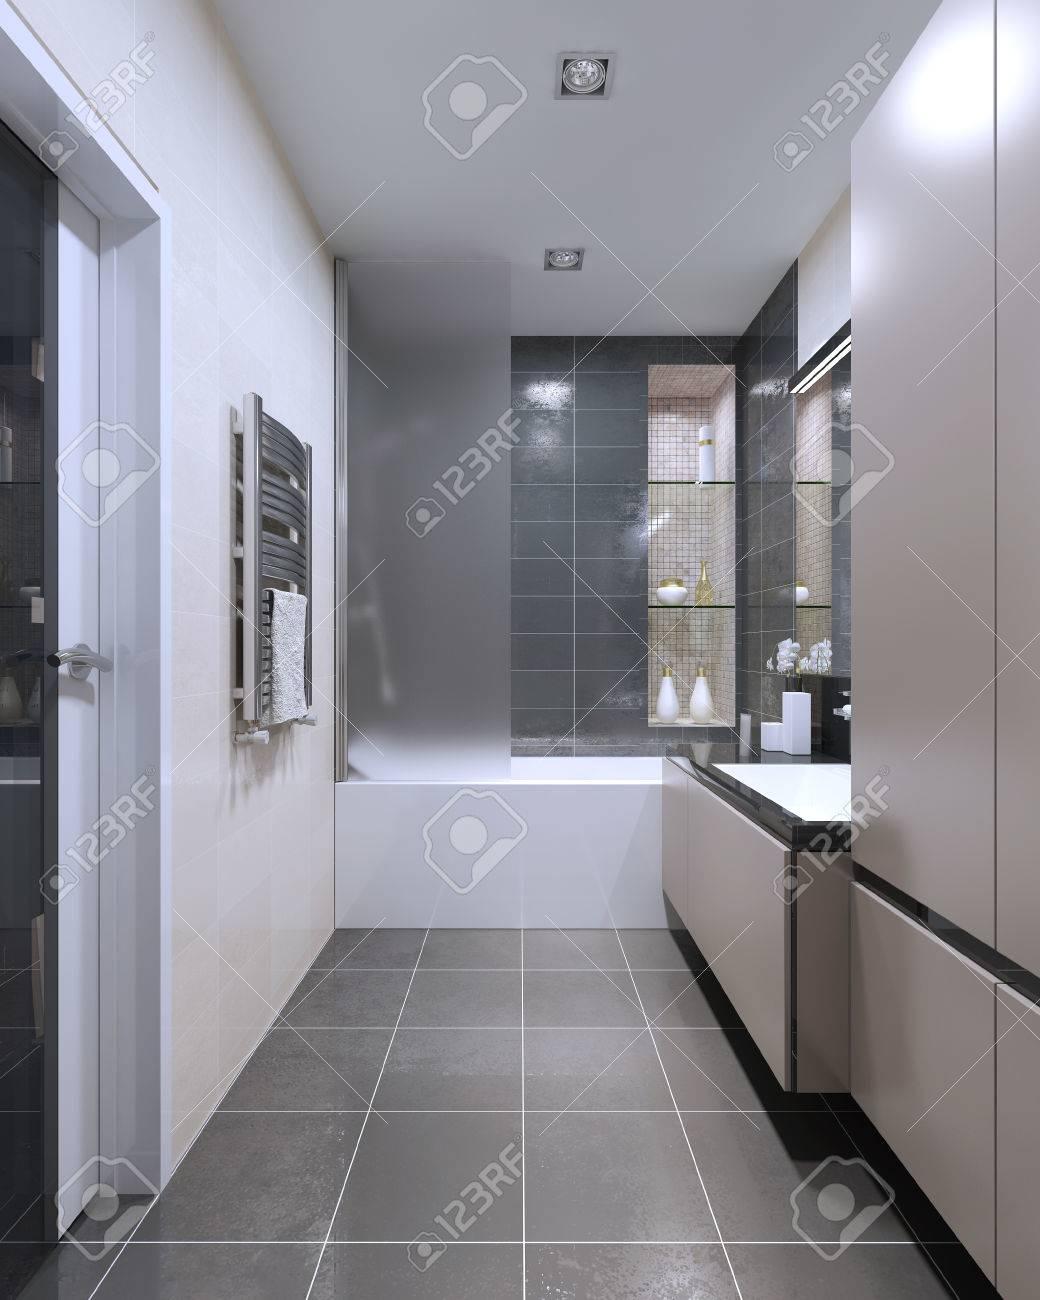 cher high tech salle de bain tendance mobilier beige mat avec un decor gris fonce salle de bain et douche combinee murs carreles les lampes